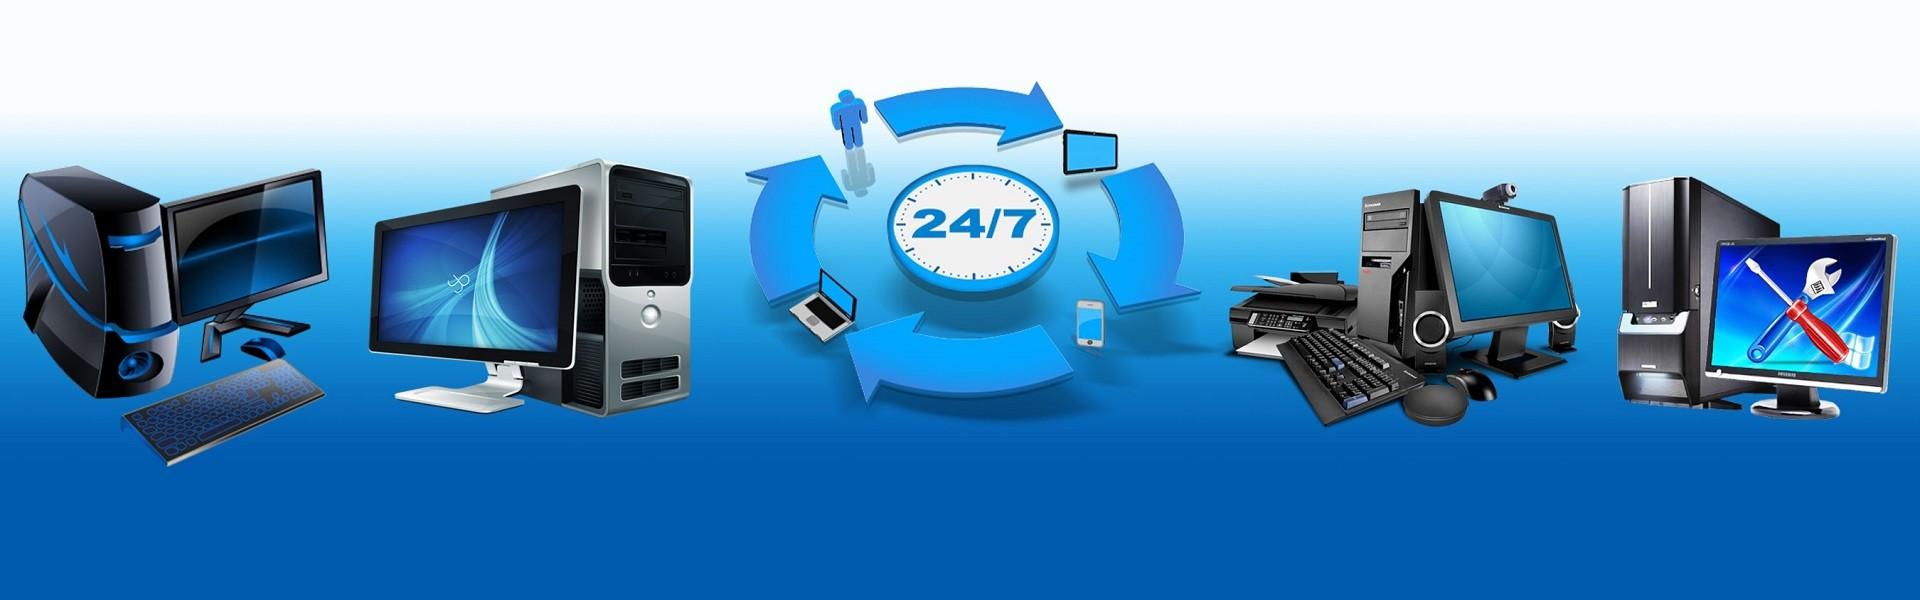 dépannage PC, tablette, GSM